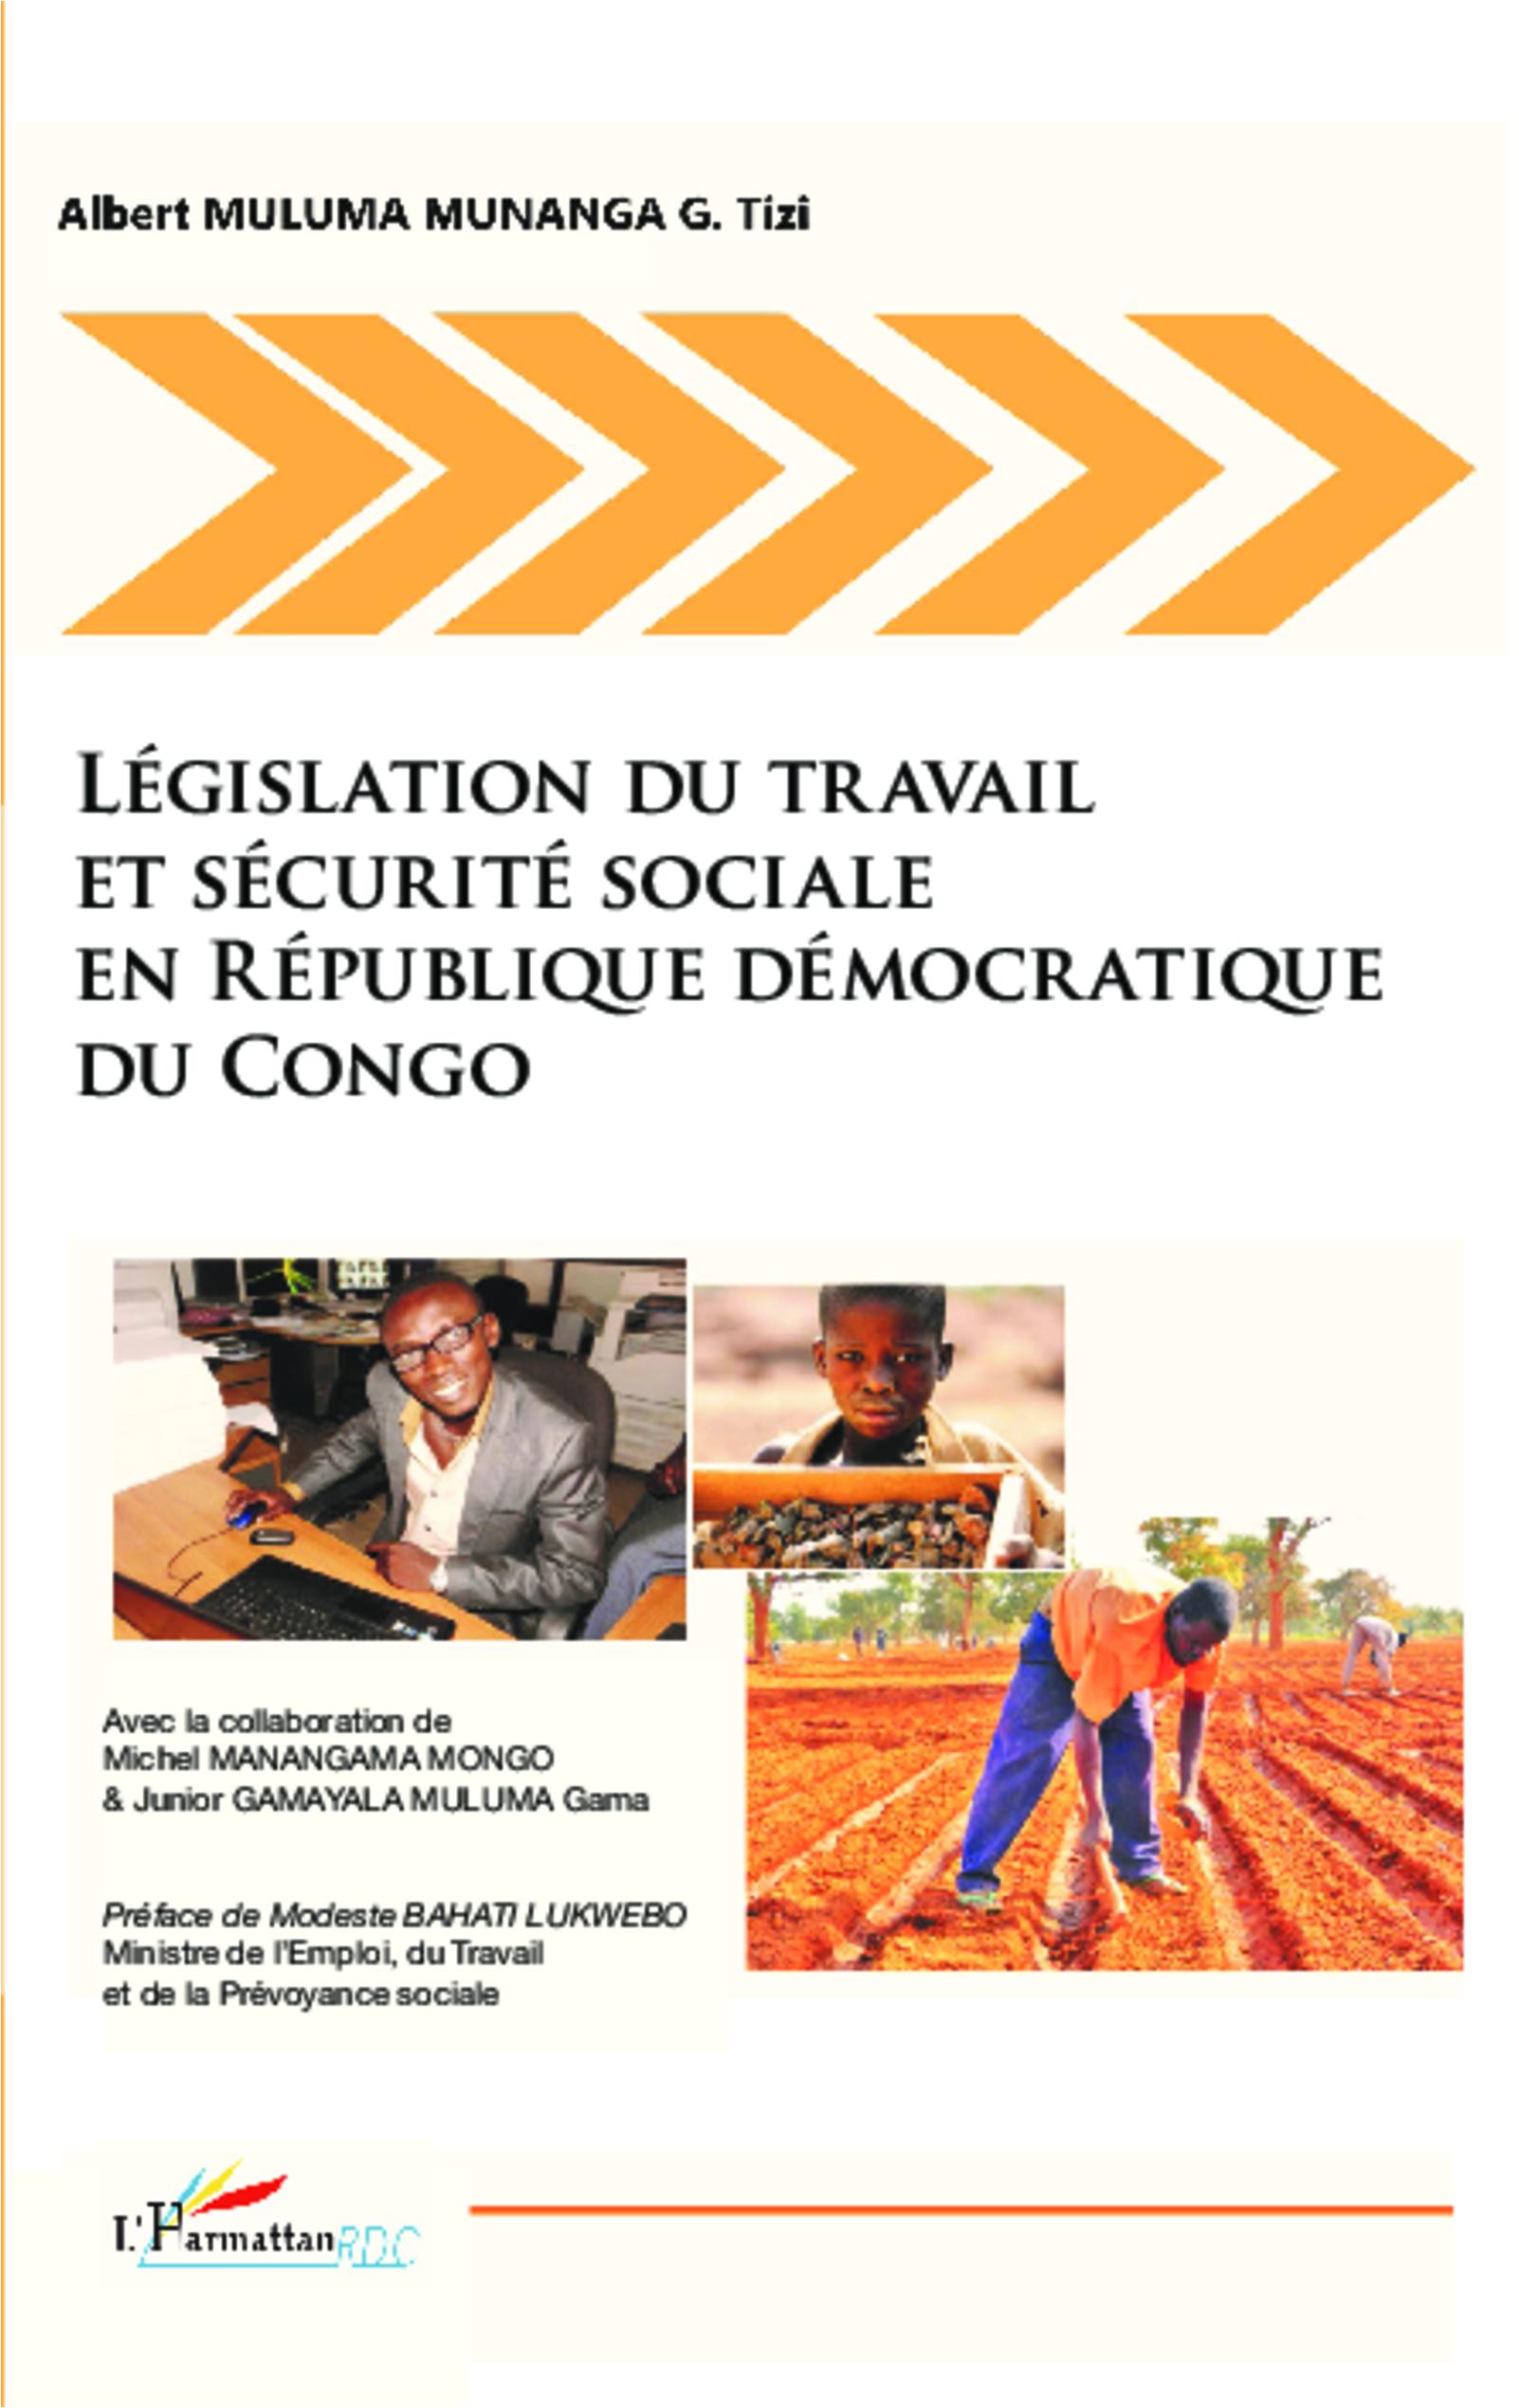 Législation du travail et sécurité sociale en République démocratique du Congo